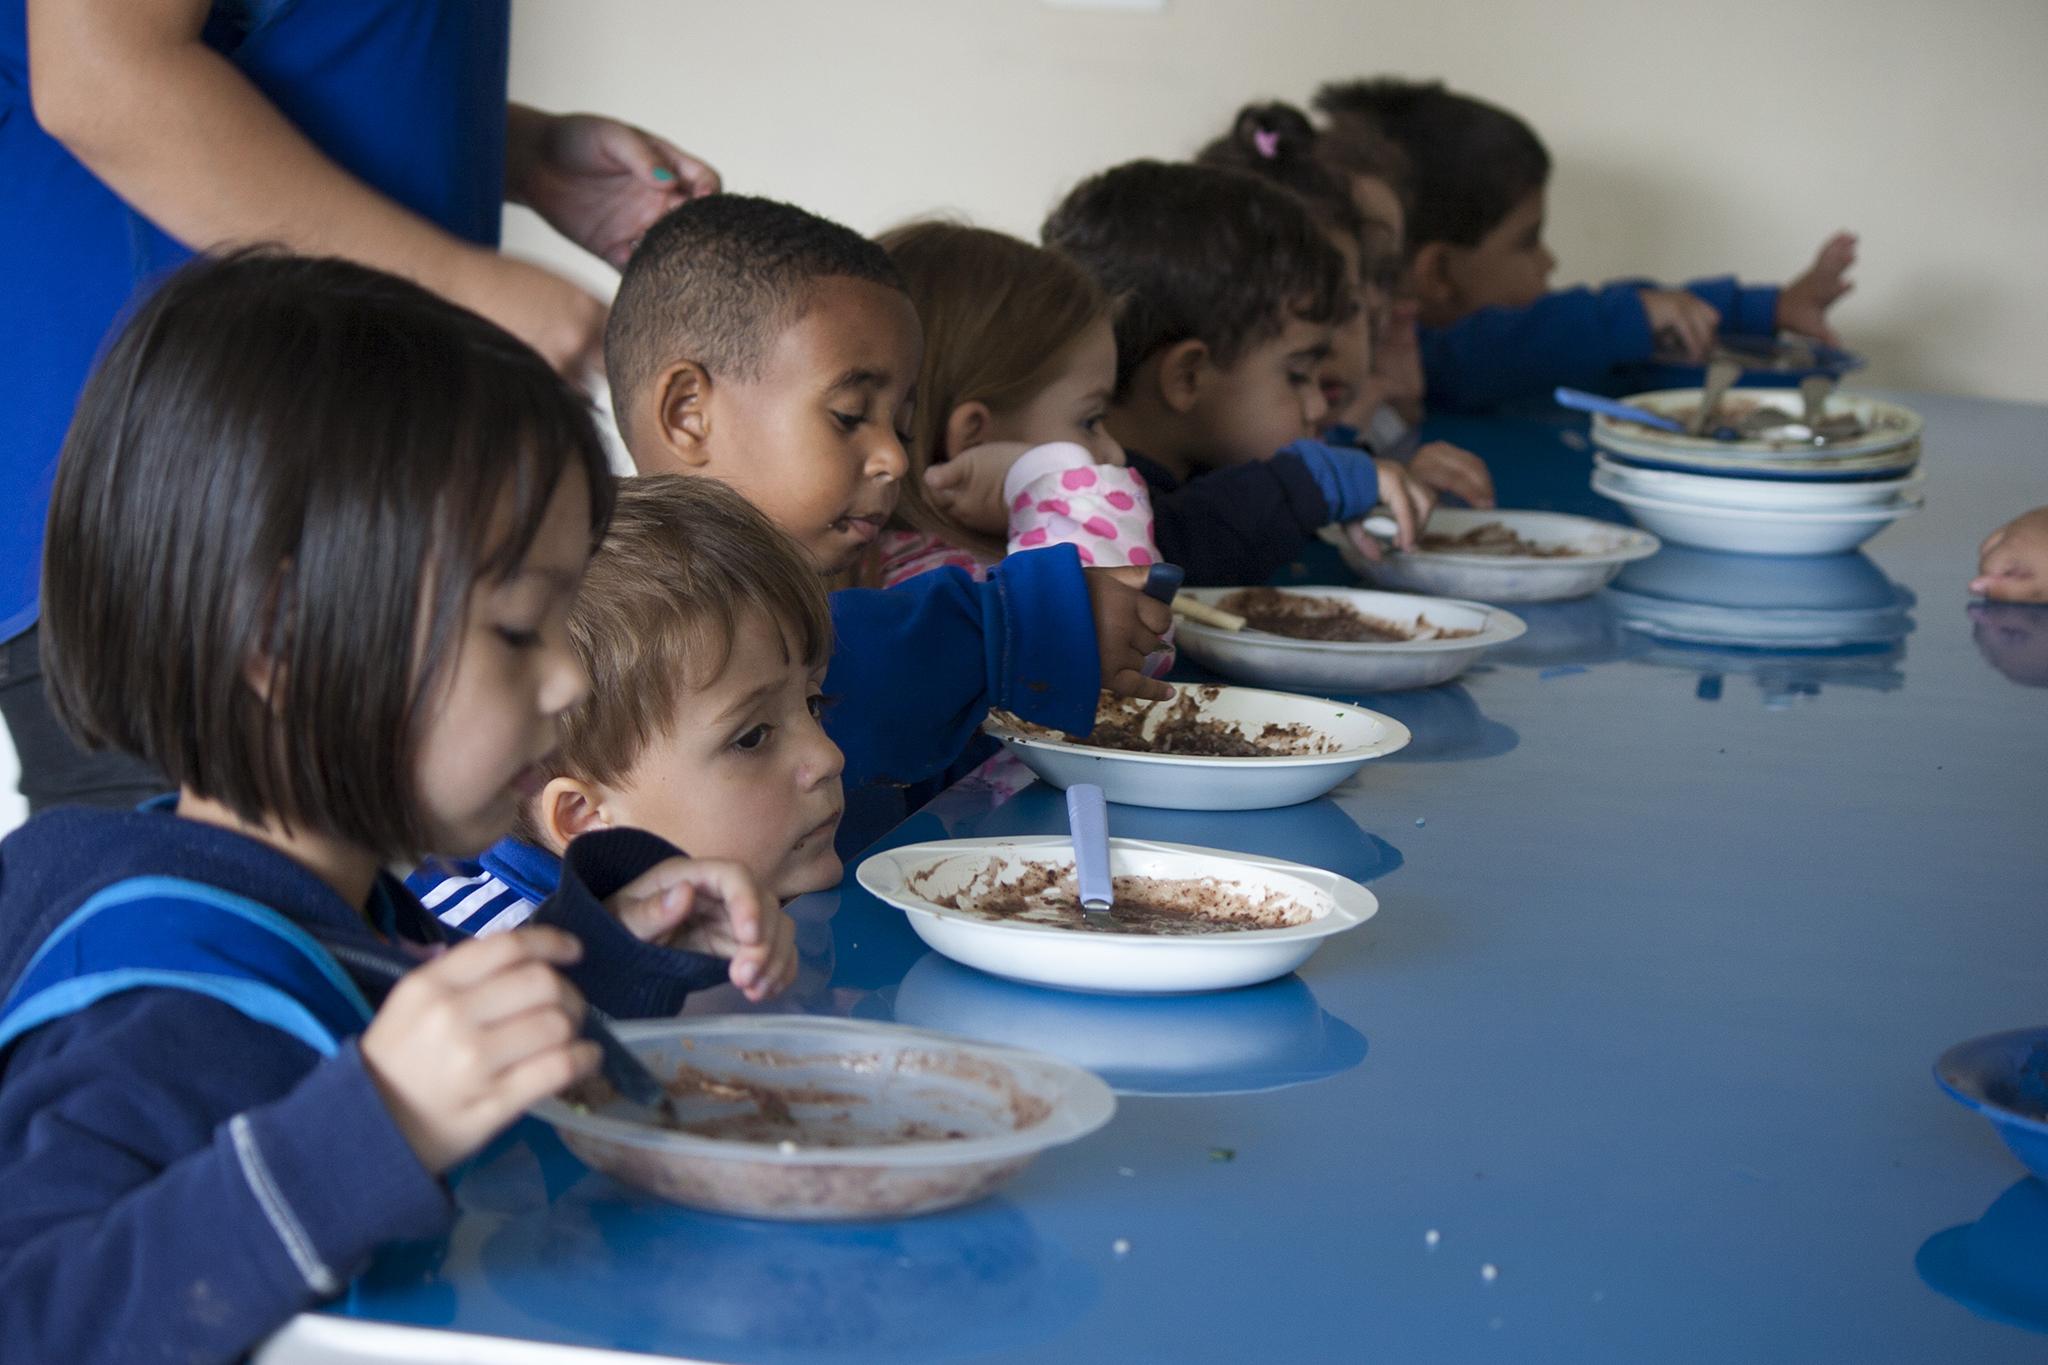 Crianças se alimentando | Miosótis